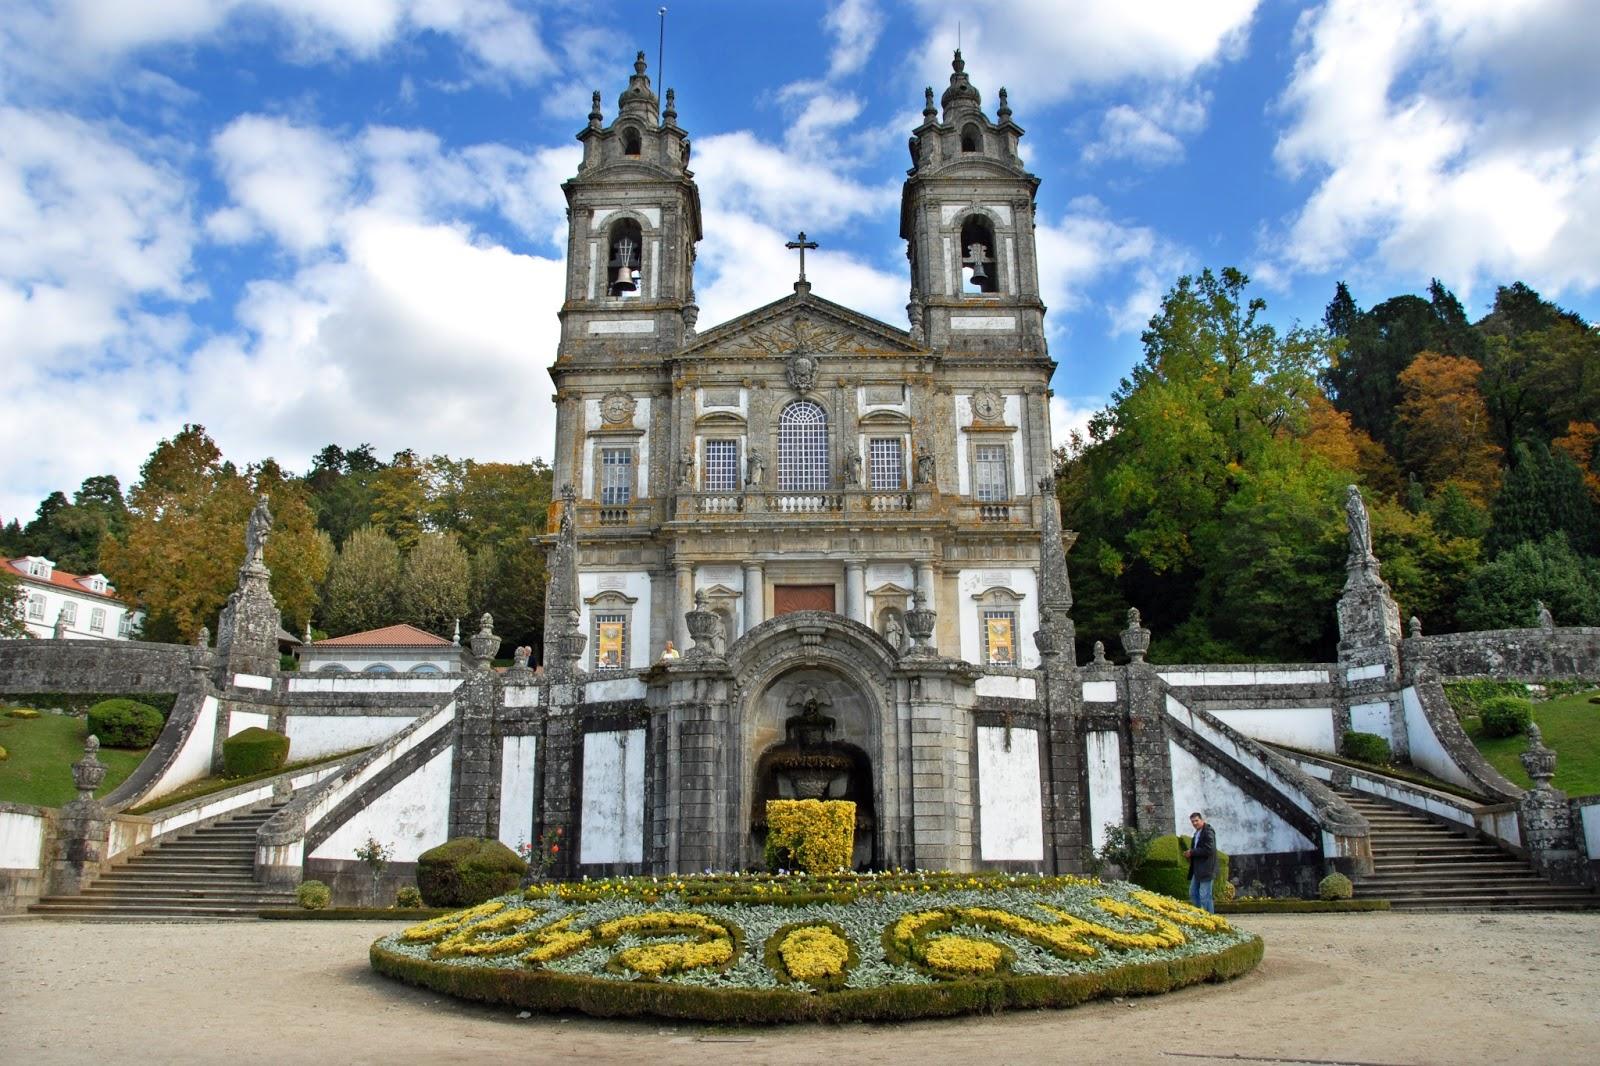 Braga_-_Santuário_do_Bom_Jesus_do_Monte